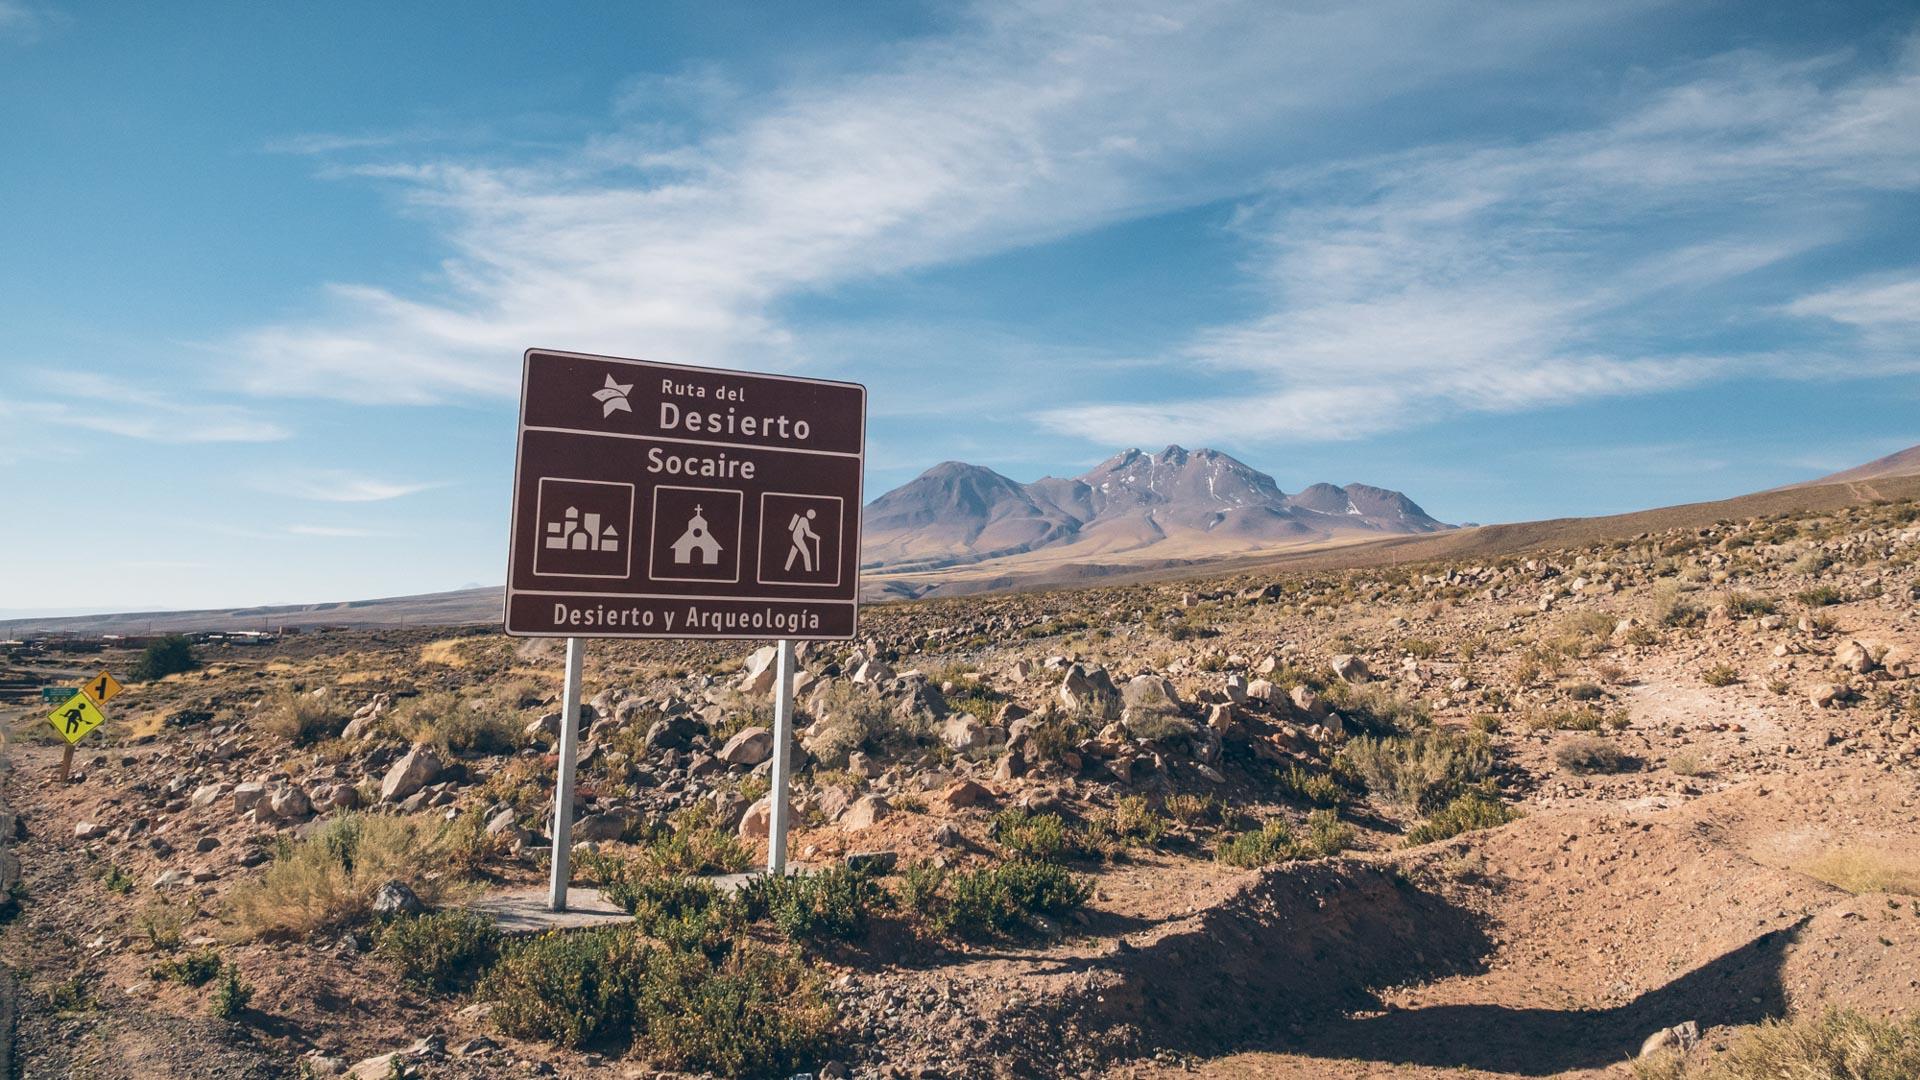 On arrive à Socaire première ville chilienne depuis le paso Sico